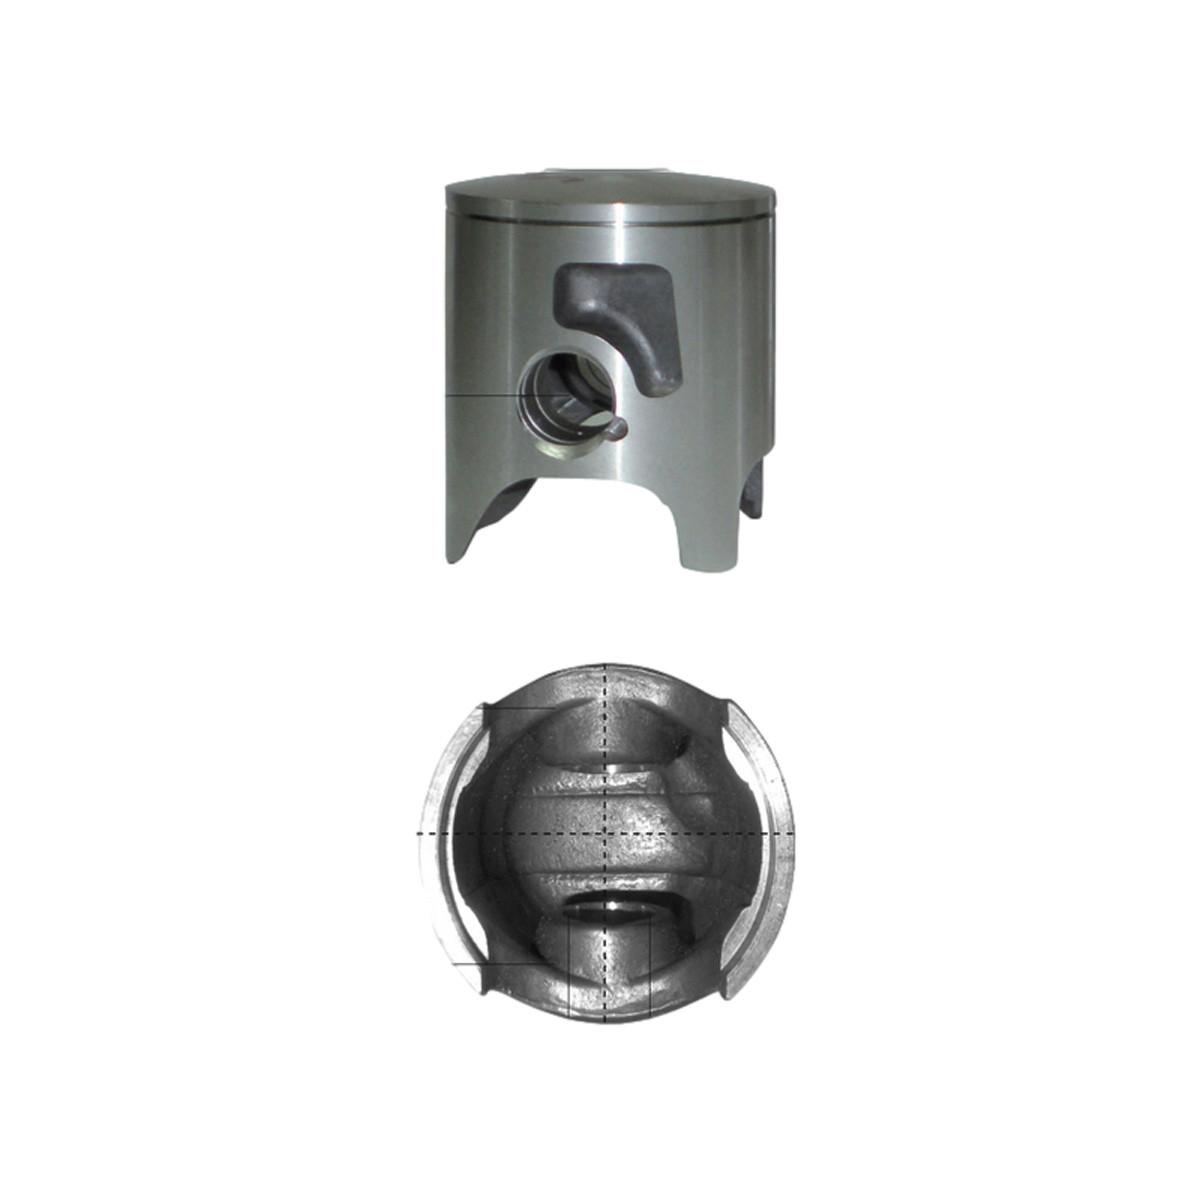 Piston HONDA Vision PEUGEOT ST D.41mm - BARIKIT